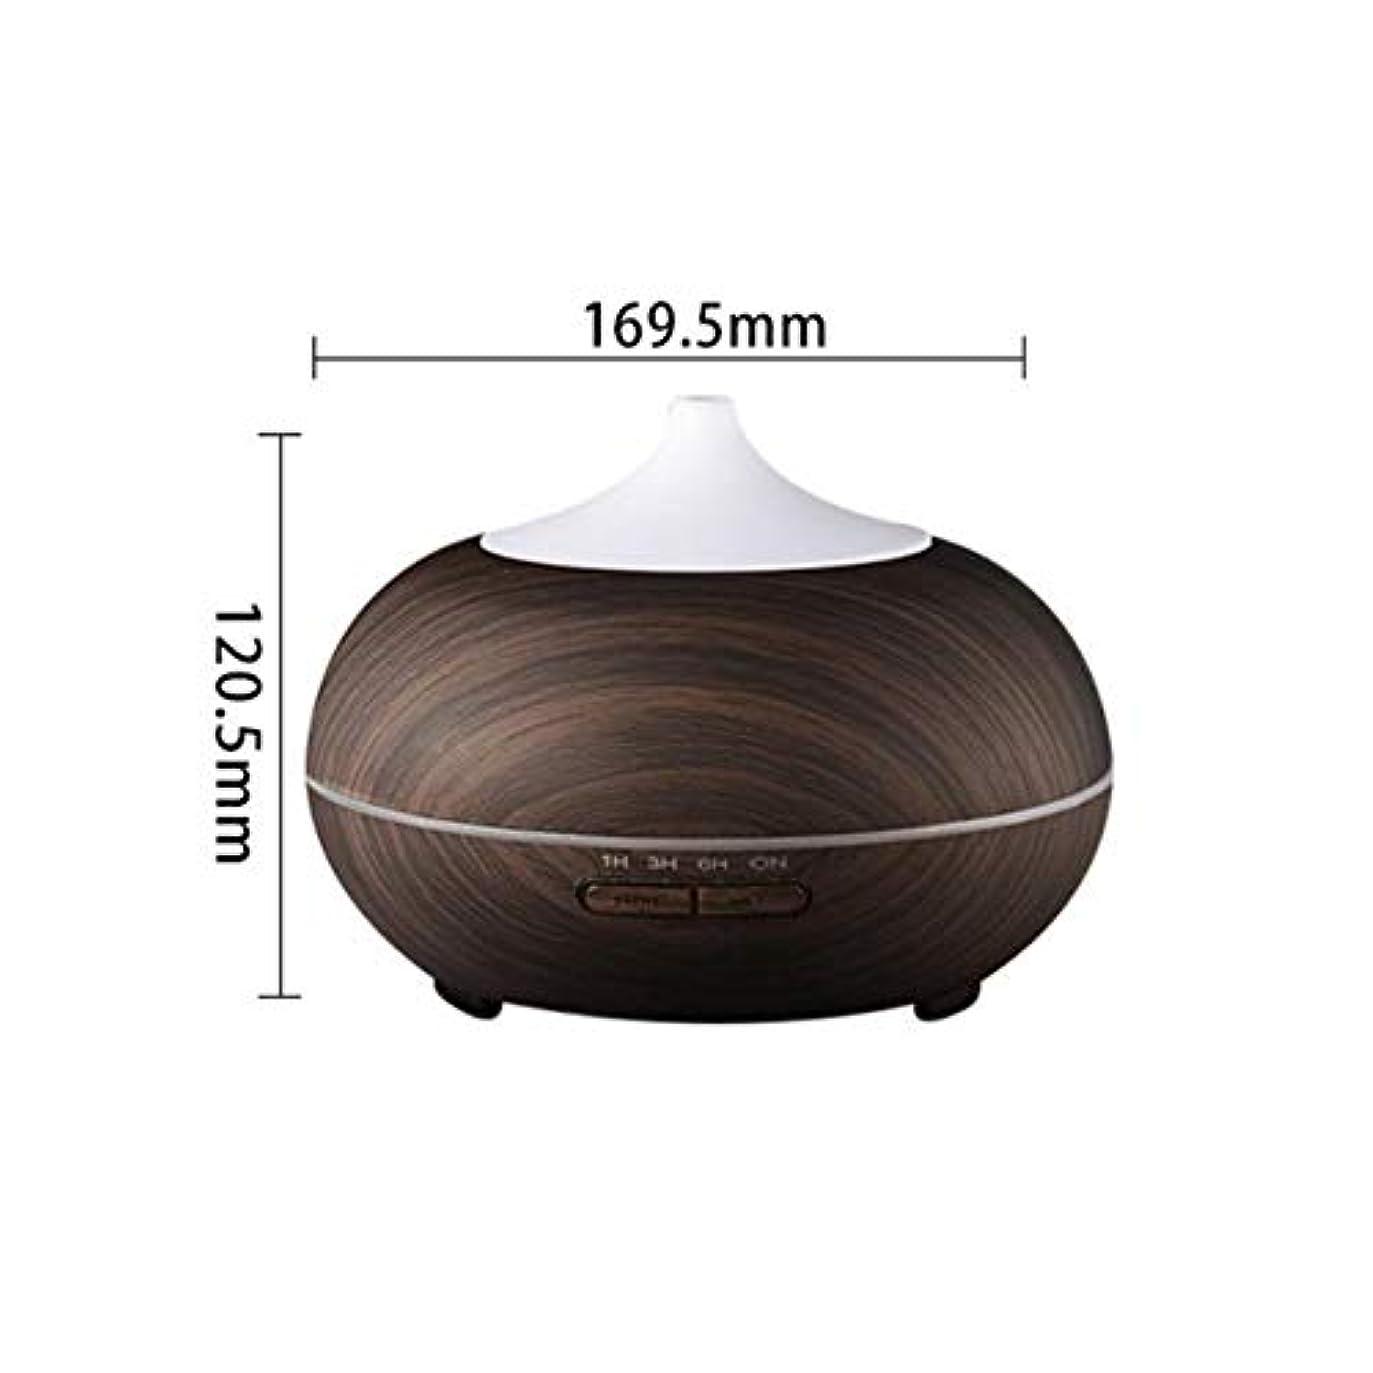 耐久枝嵐が丘木目 涼しい霧 加湿器,7 色 空気を浄化 加湿機 時間 手動 Wifiアプリコントロール 精油 ディフューザー アロマネブライザー Yoga- 300ml